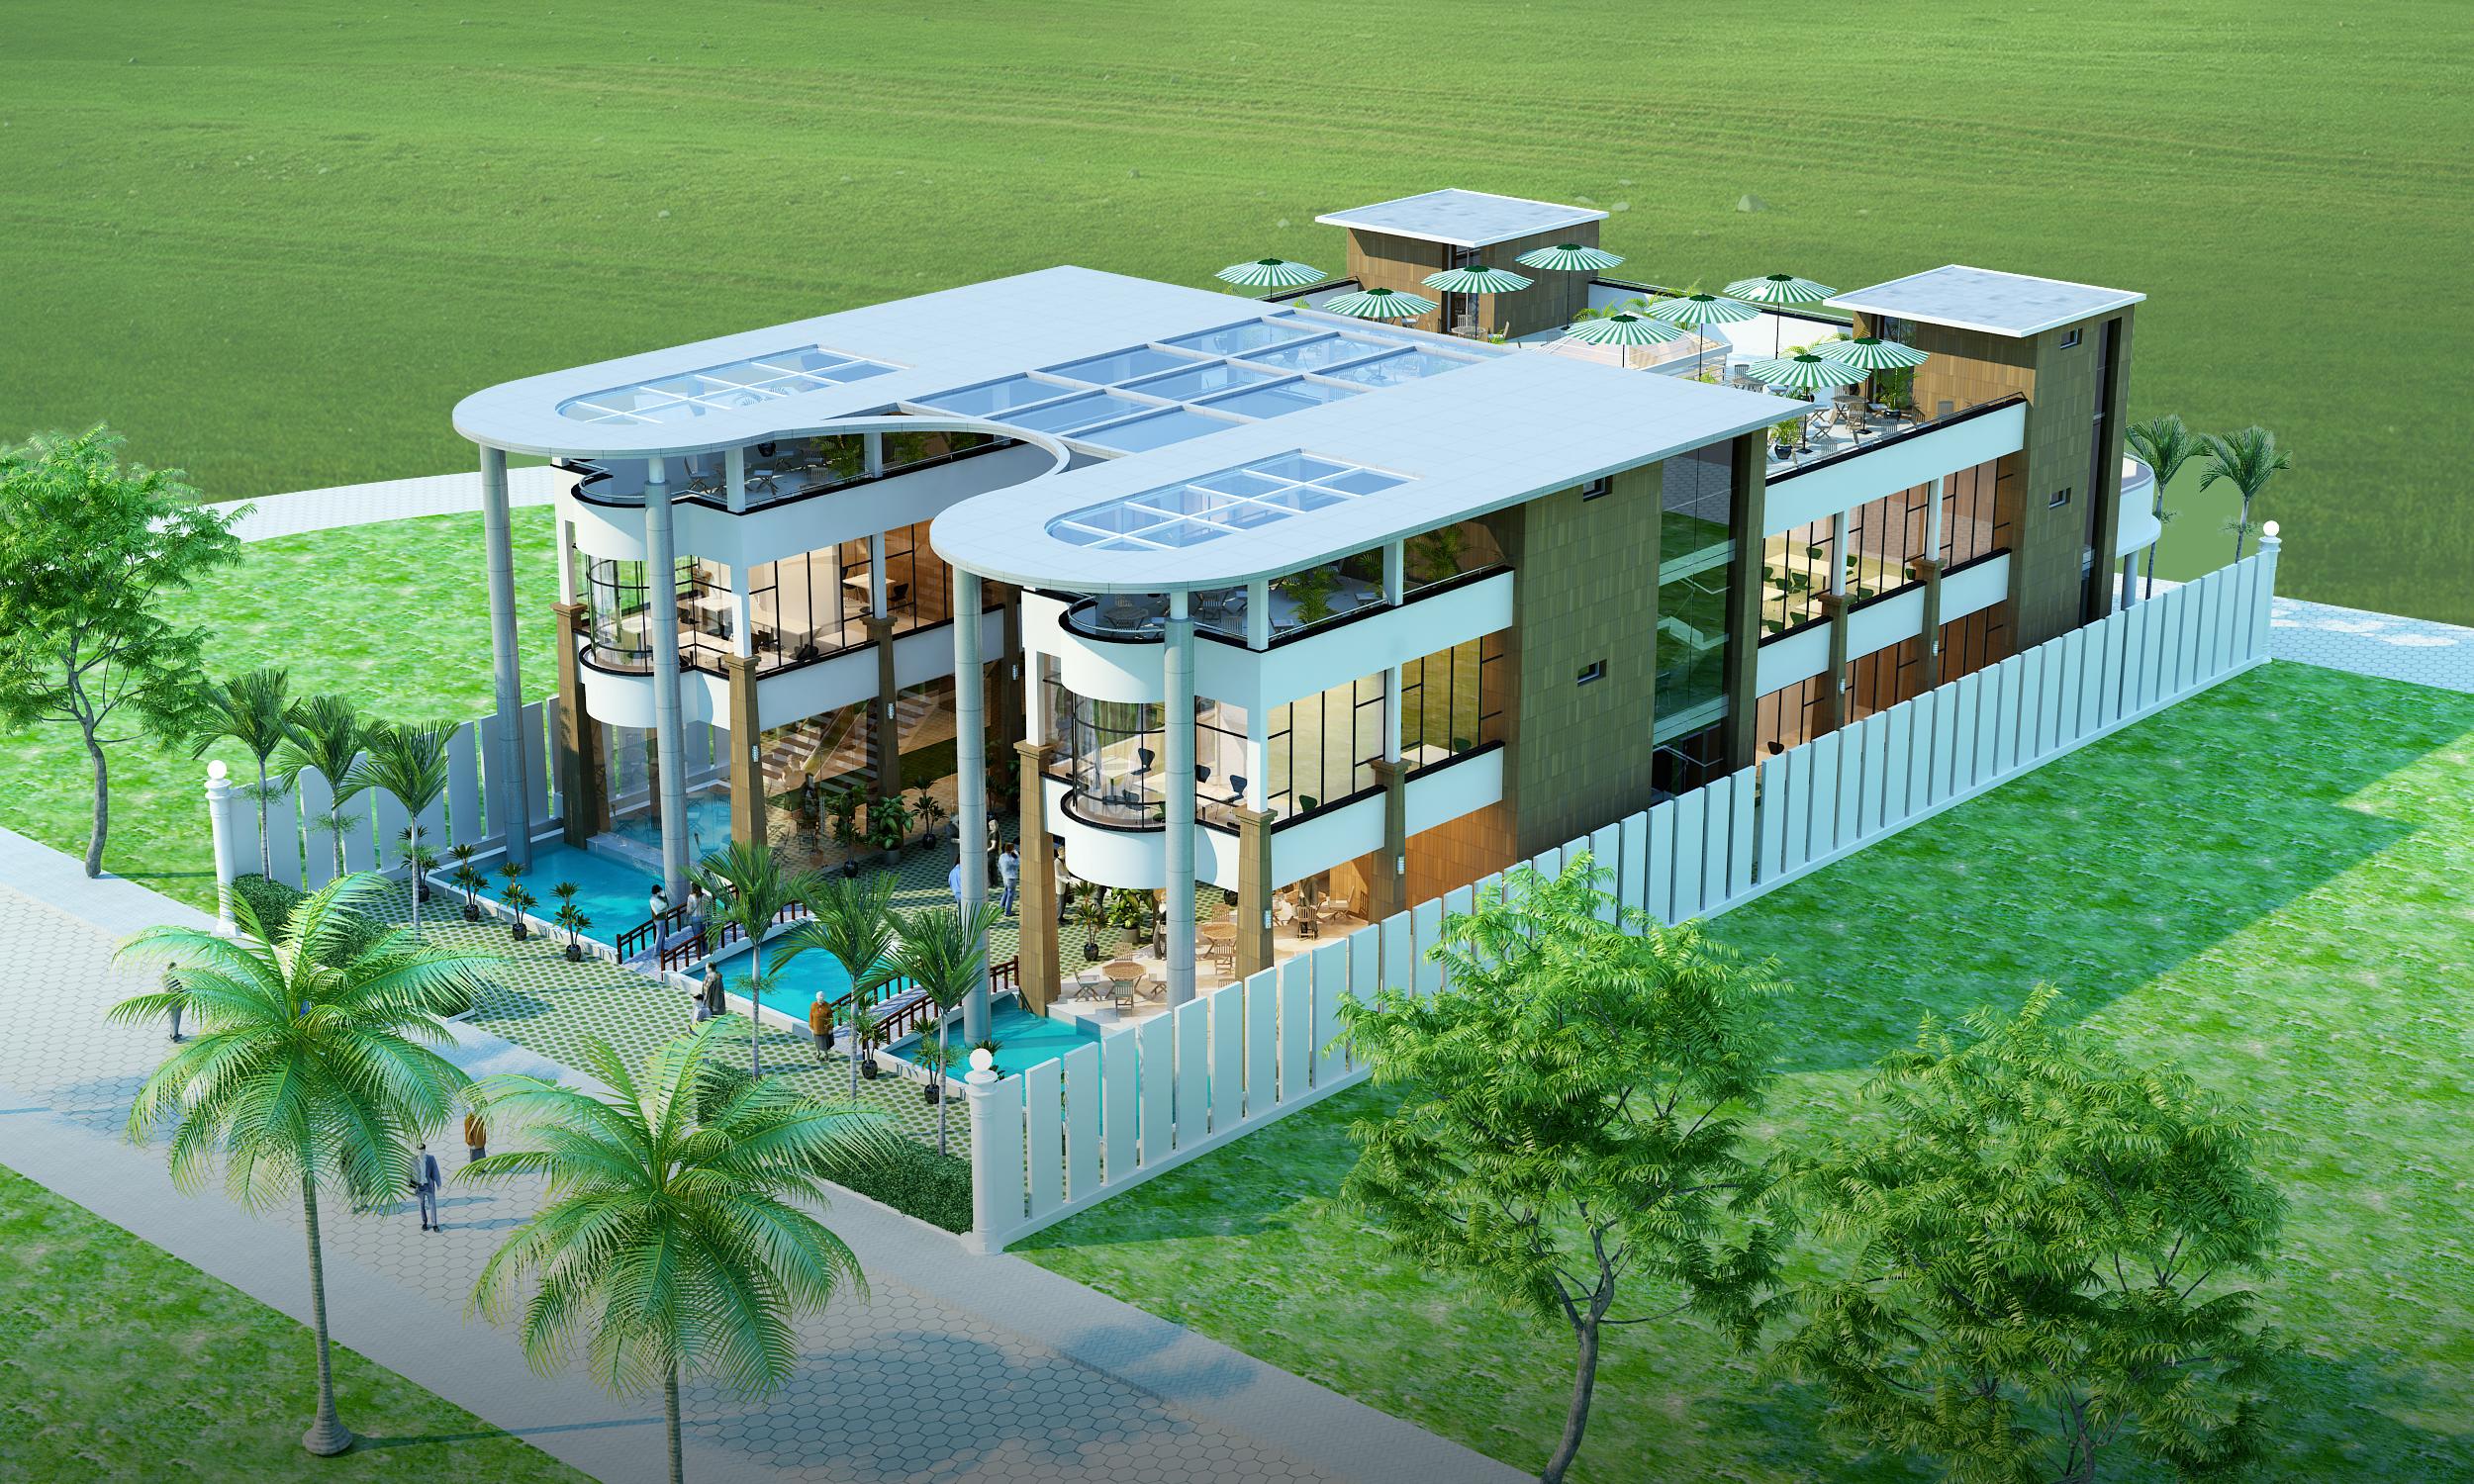 ... Restaurant Building With Interior 3d Model 3d Model Max Obj Mtl ...